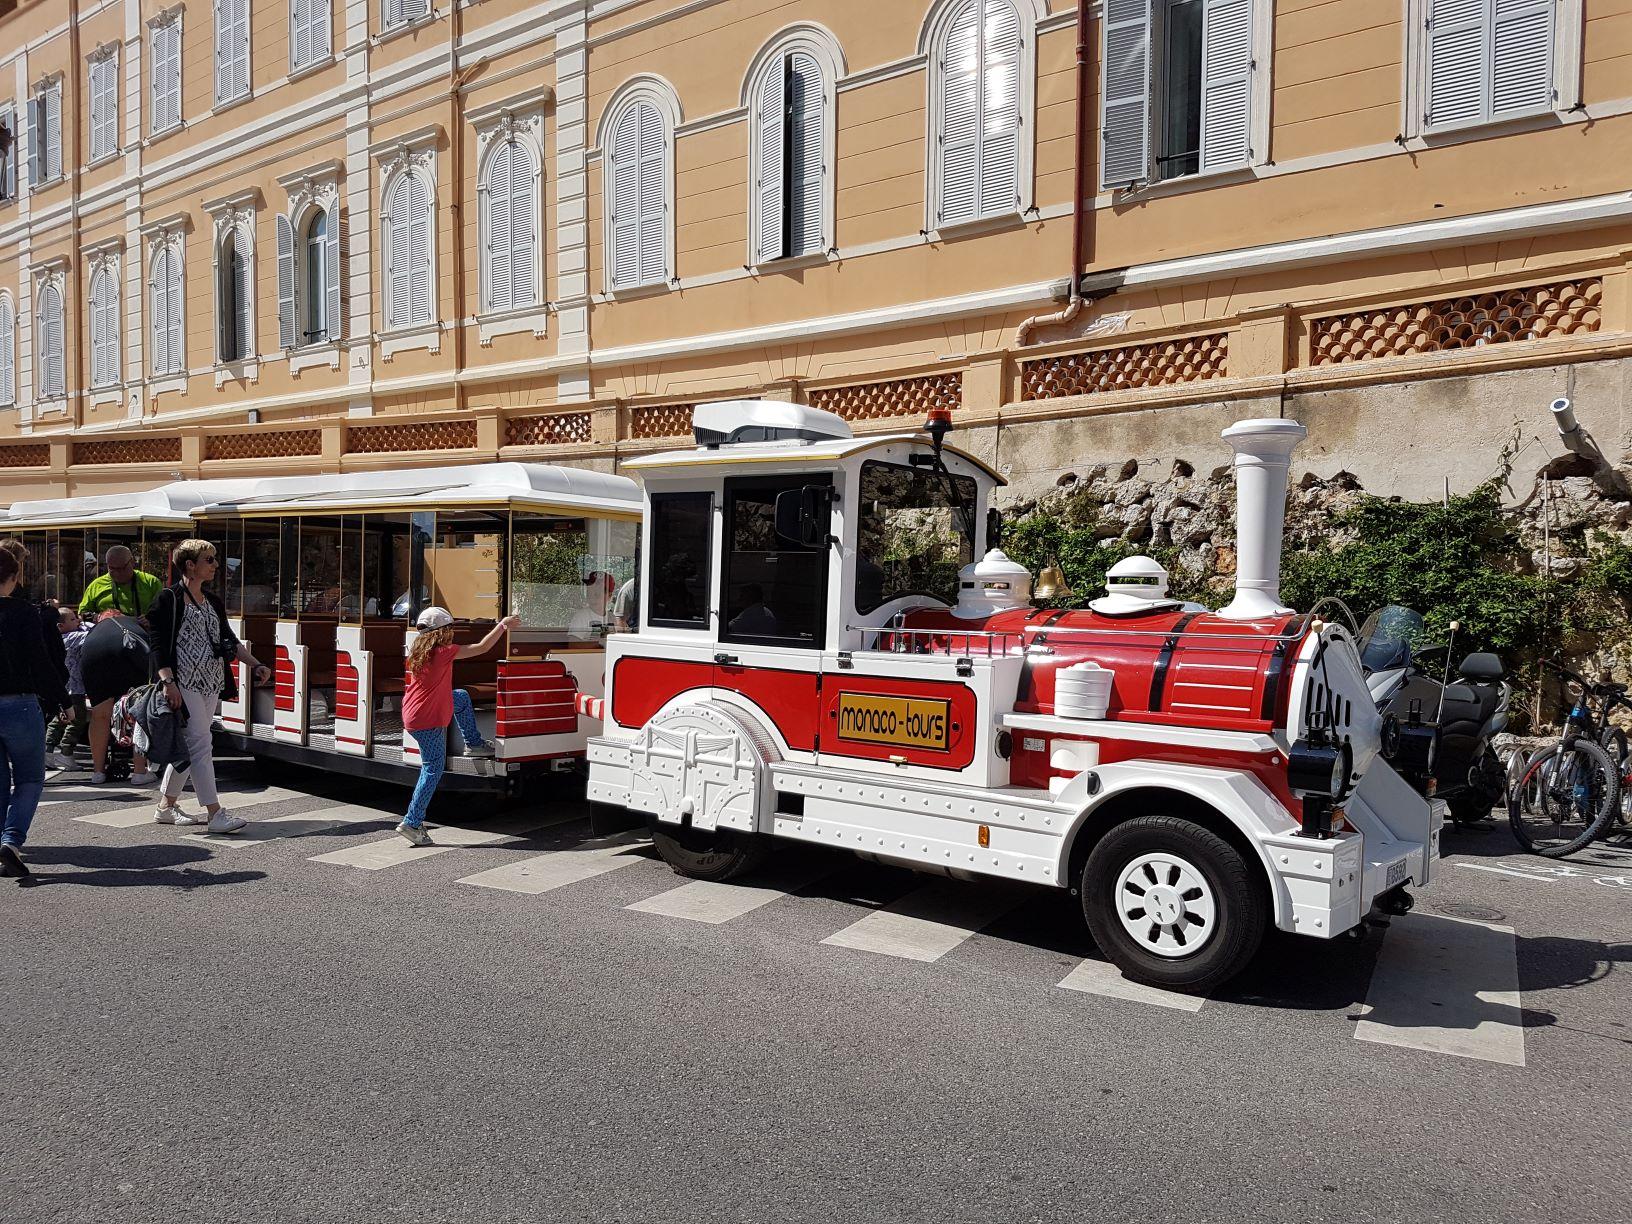 Monaco Train Tour through monaco-ville